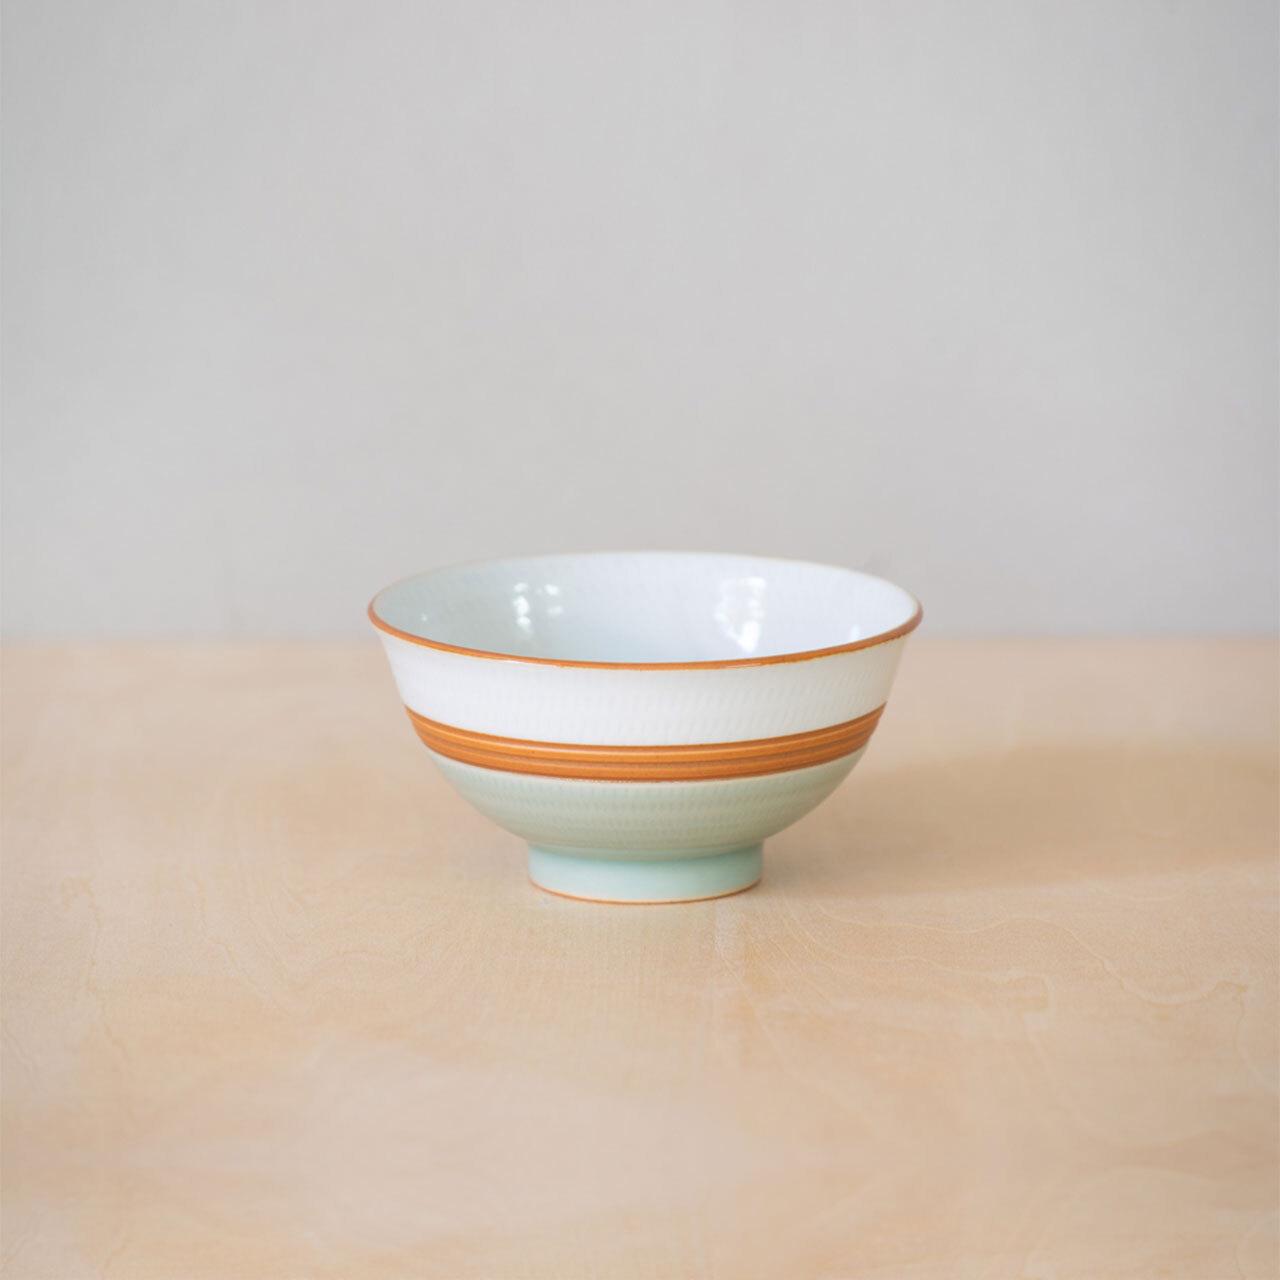 掛分飛鉋茶碗(小)・青